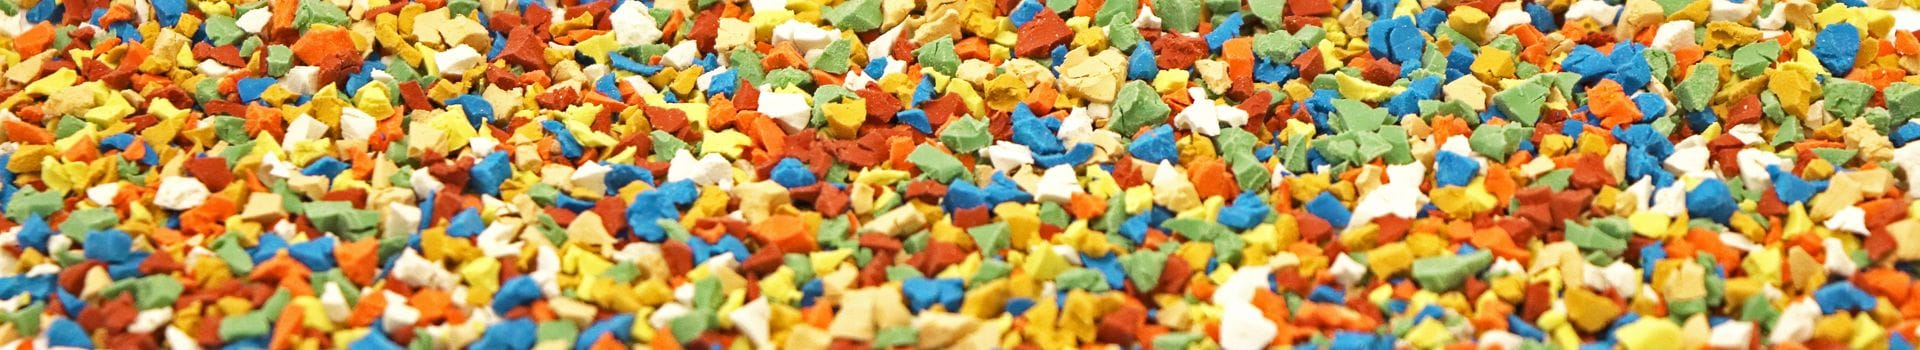 Rosehill TPV® Rubber Granules